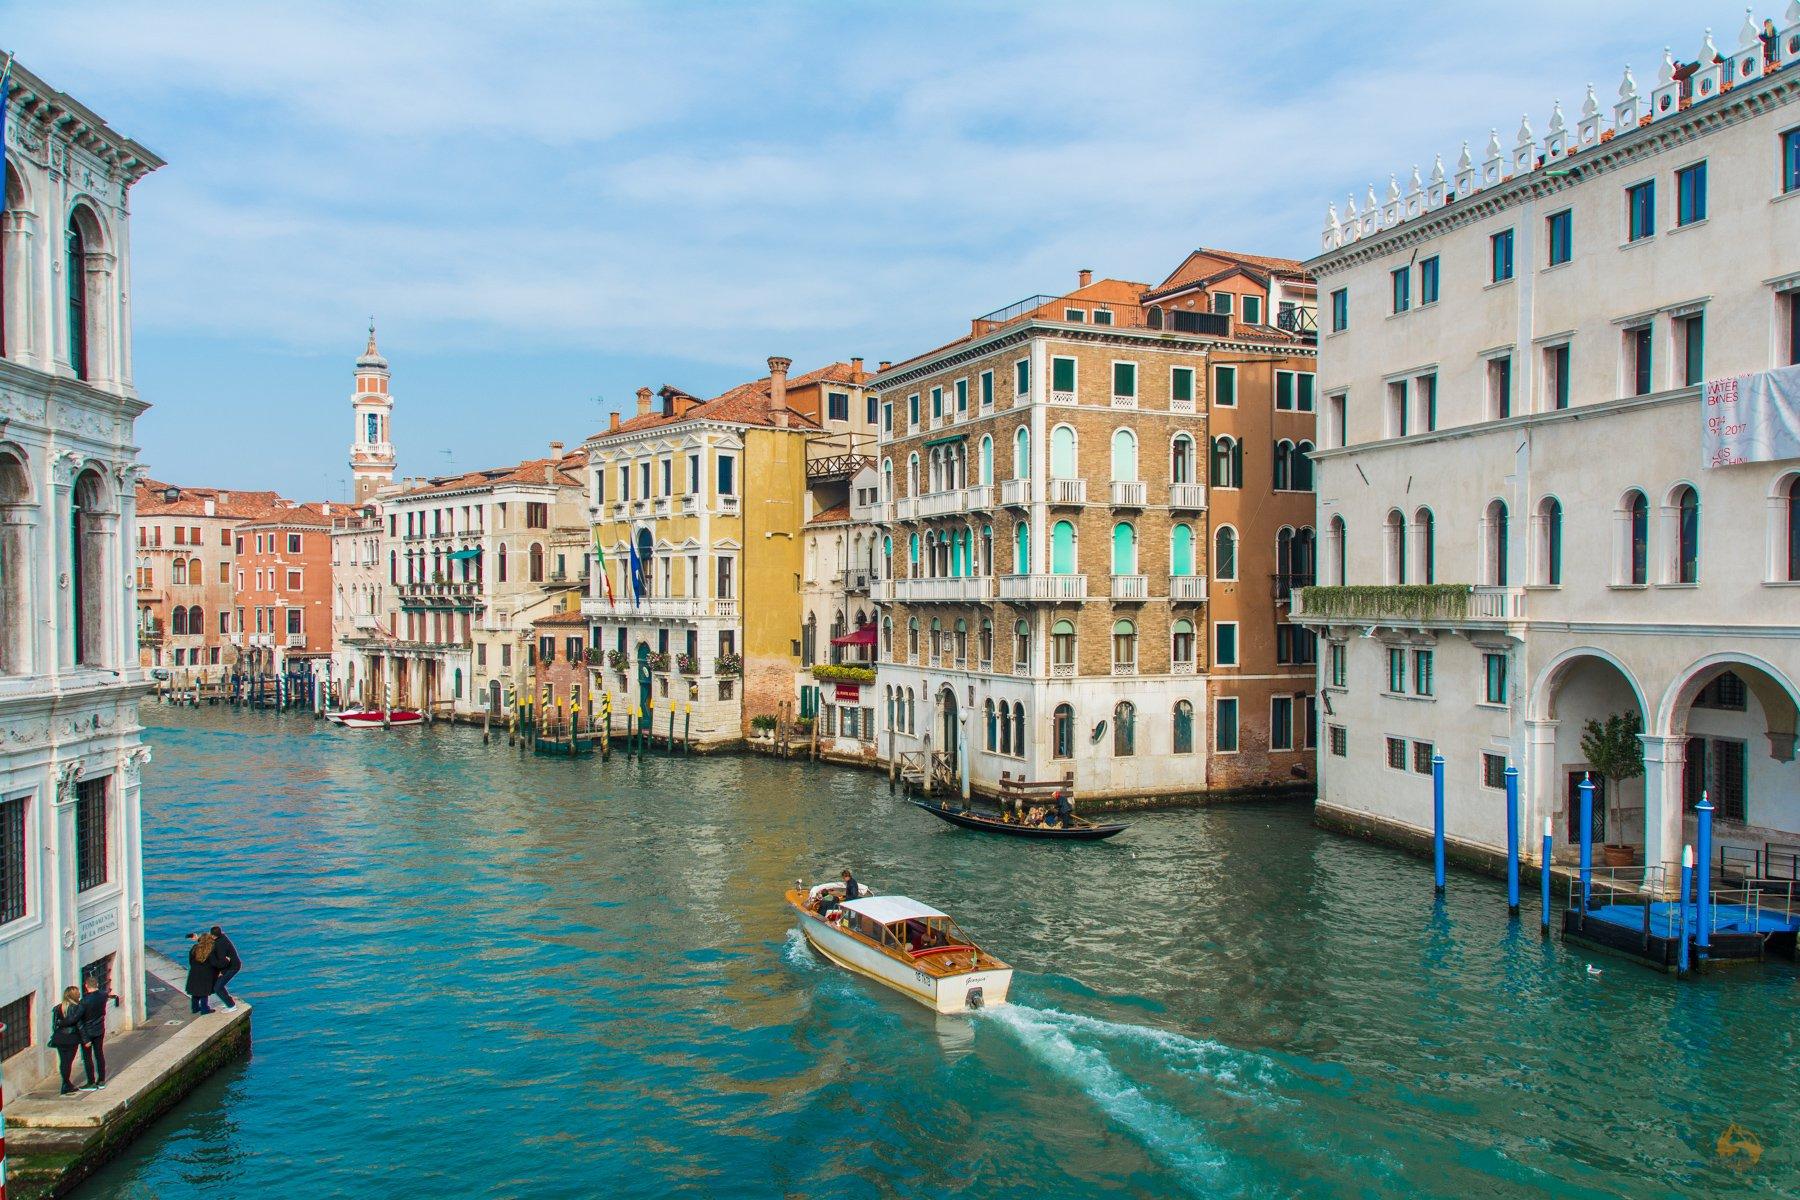 hinter der Rialtobrücke in Venedig - Italien